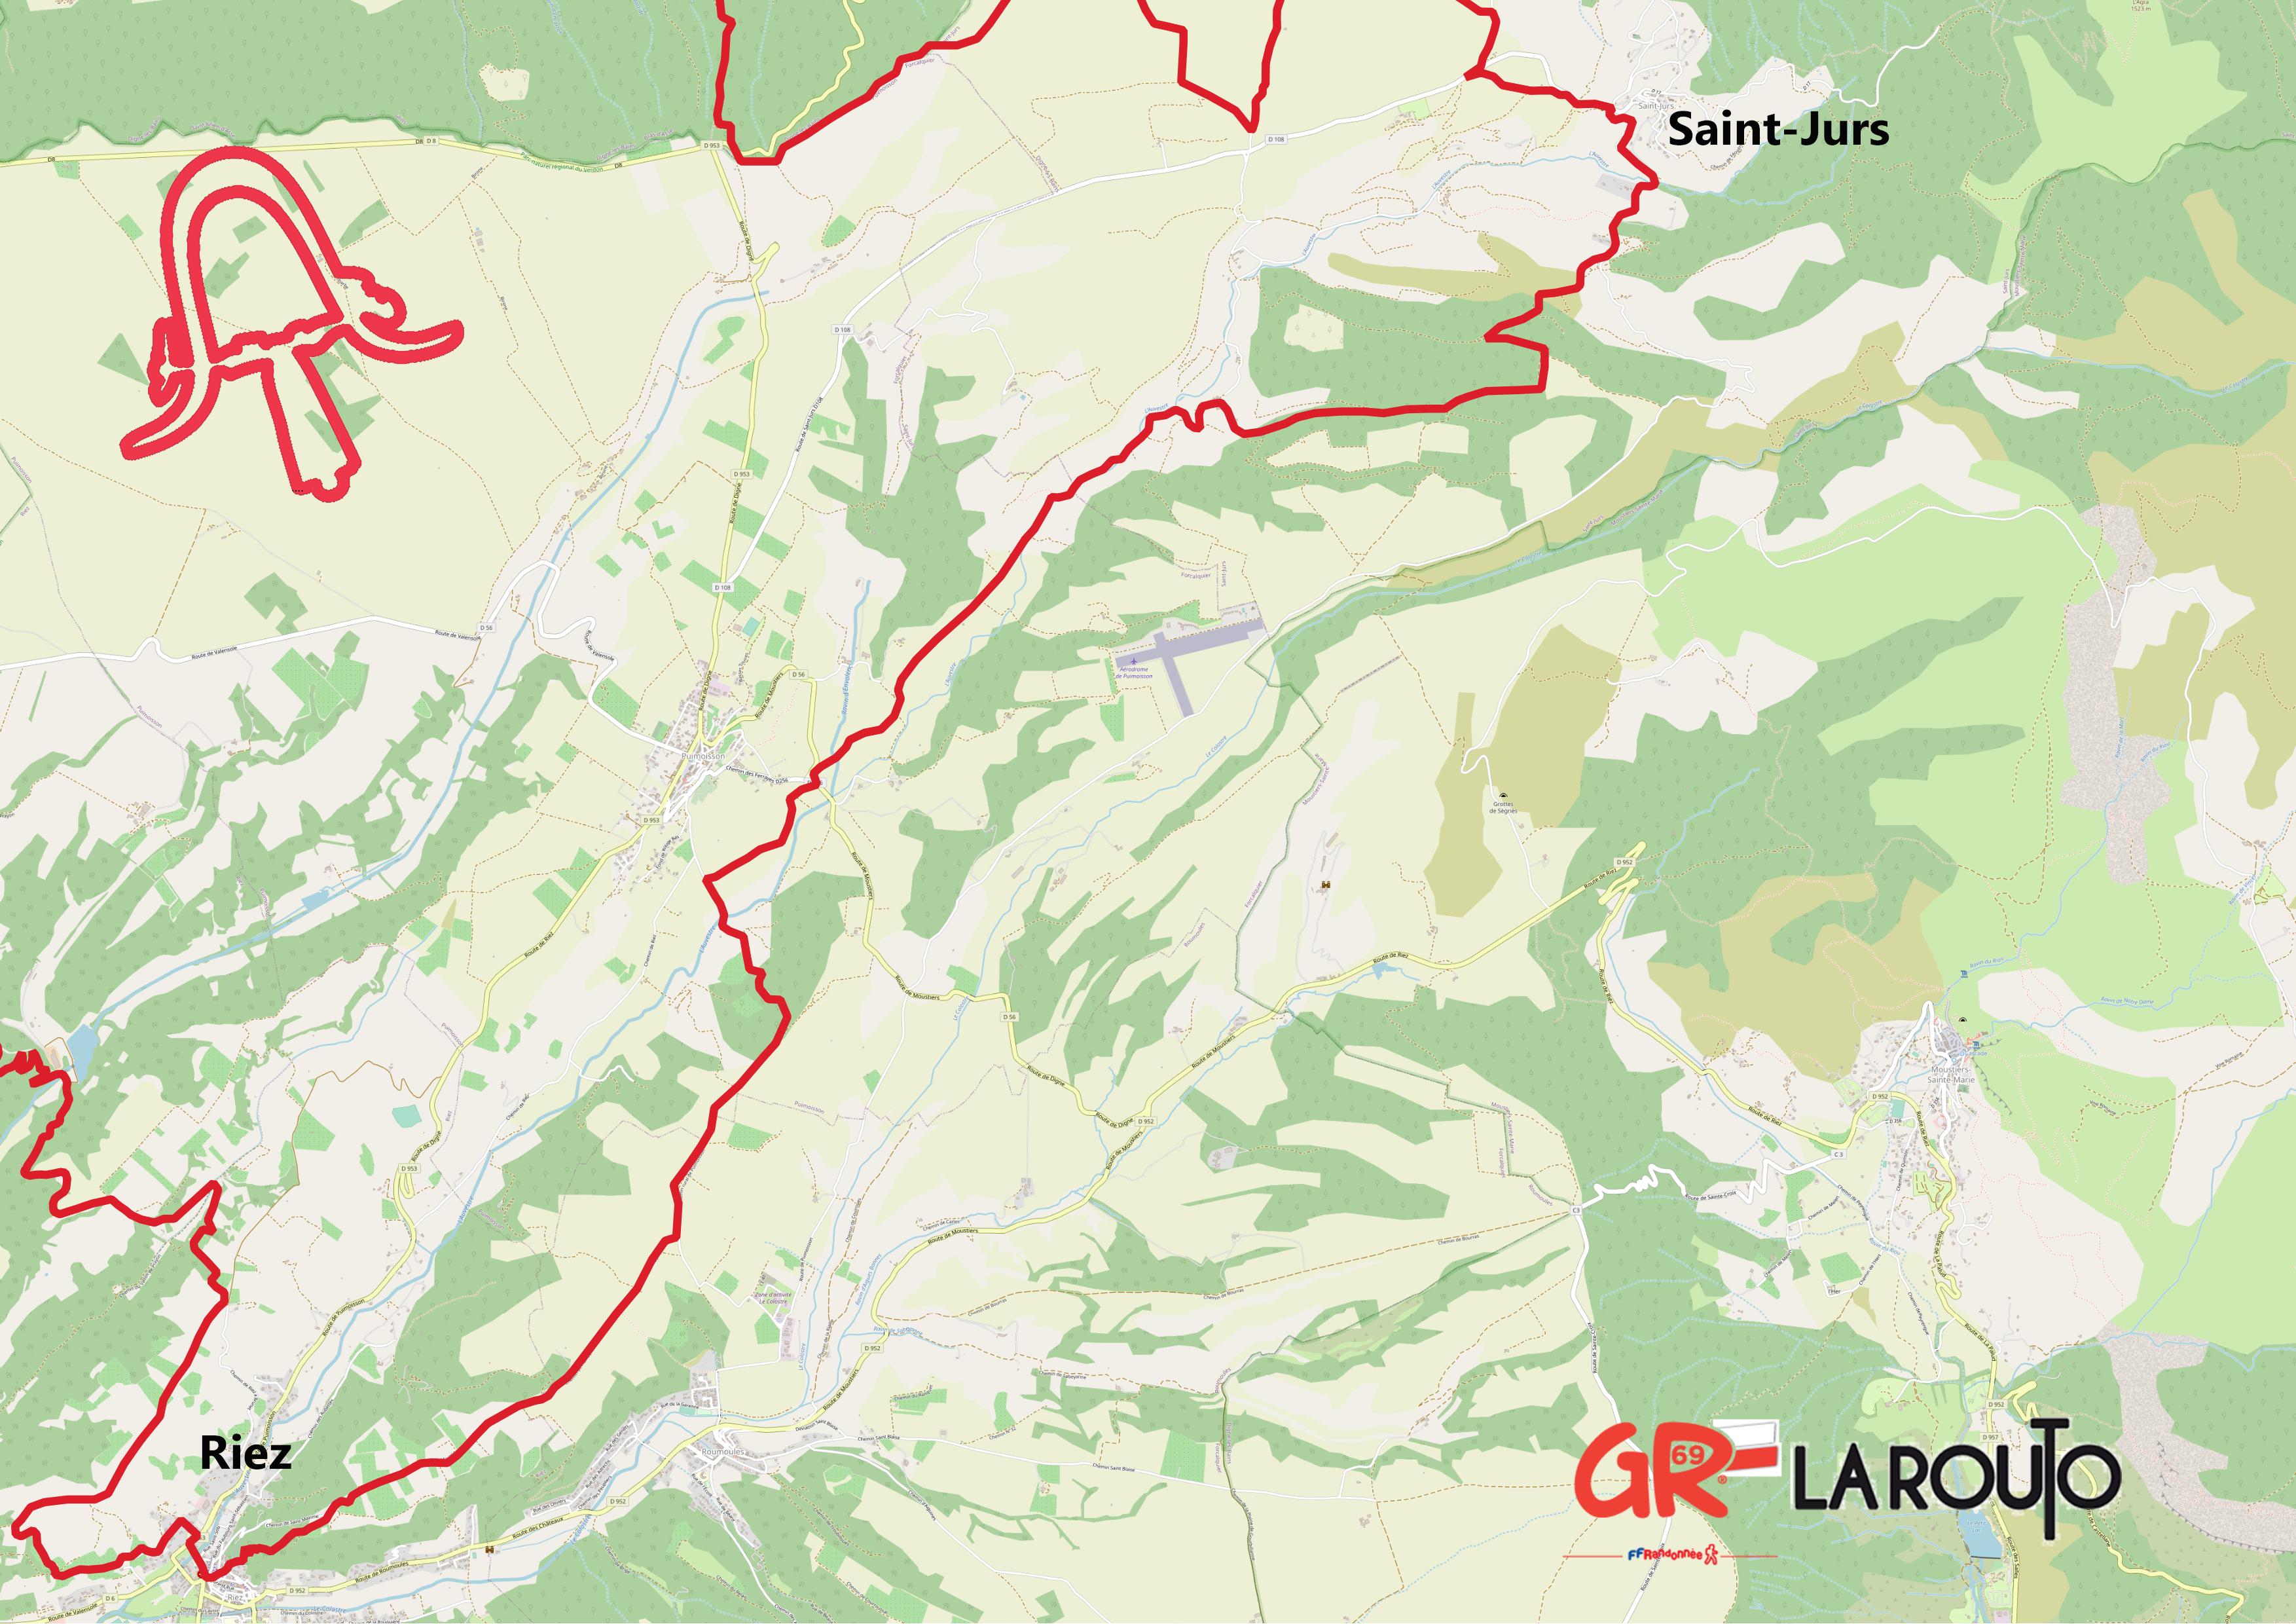 etape-12-riez-saint-jurs